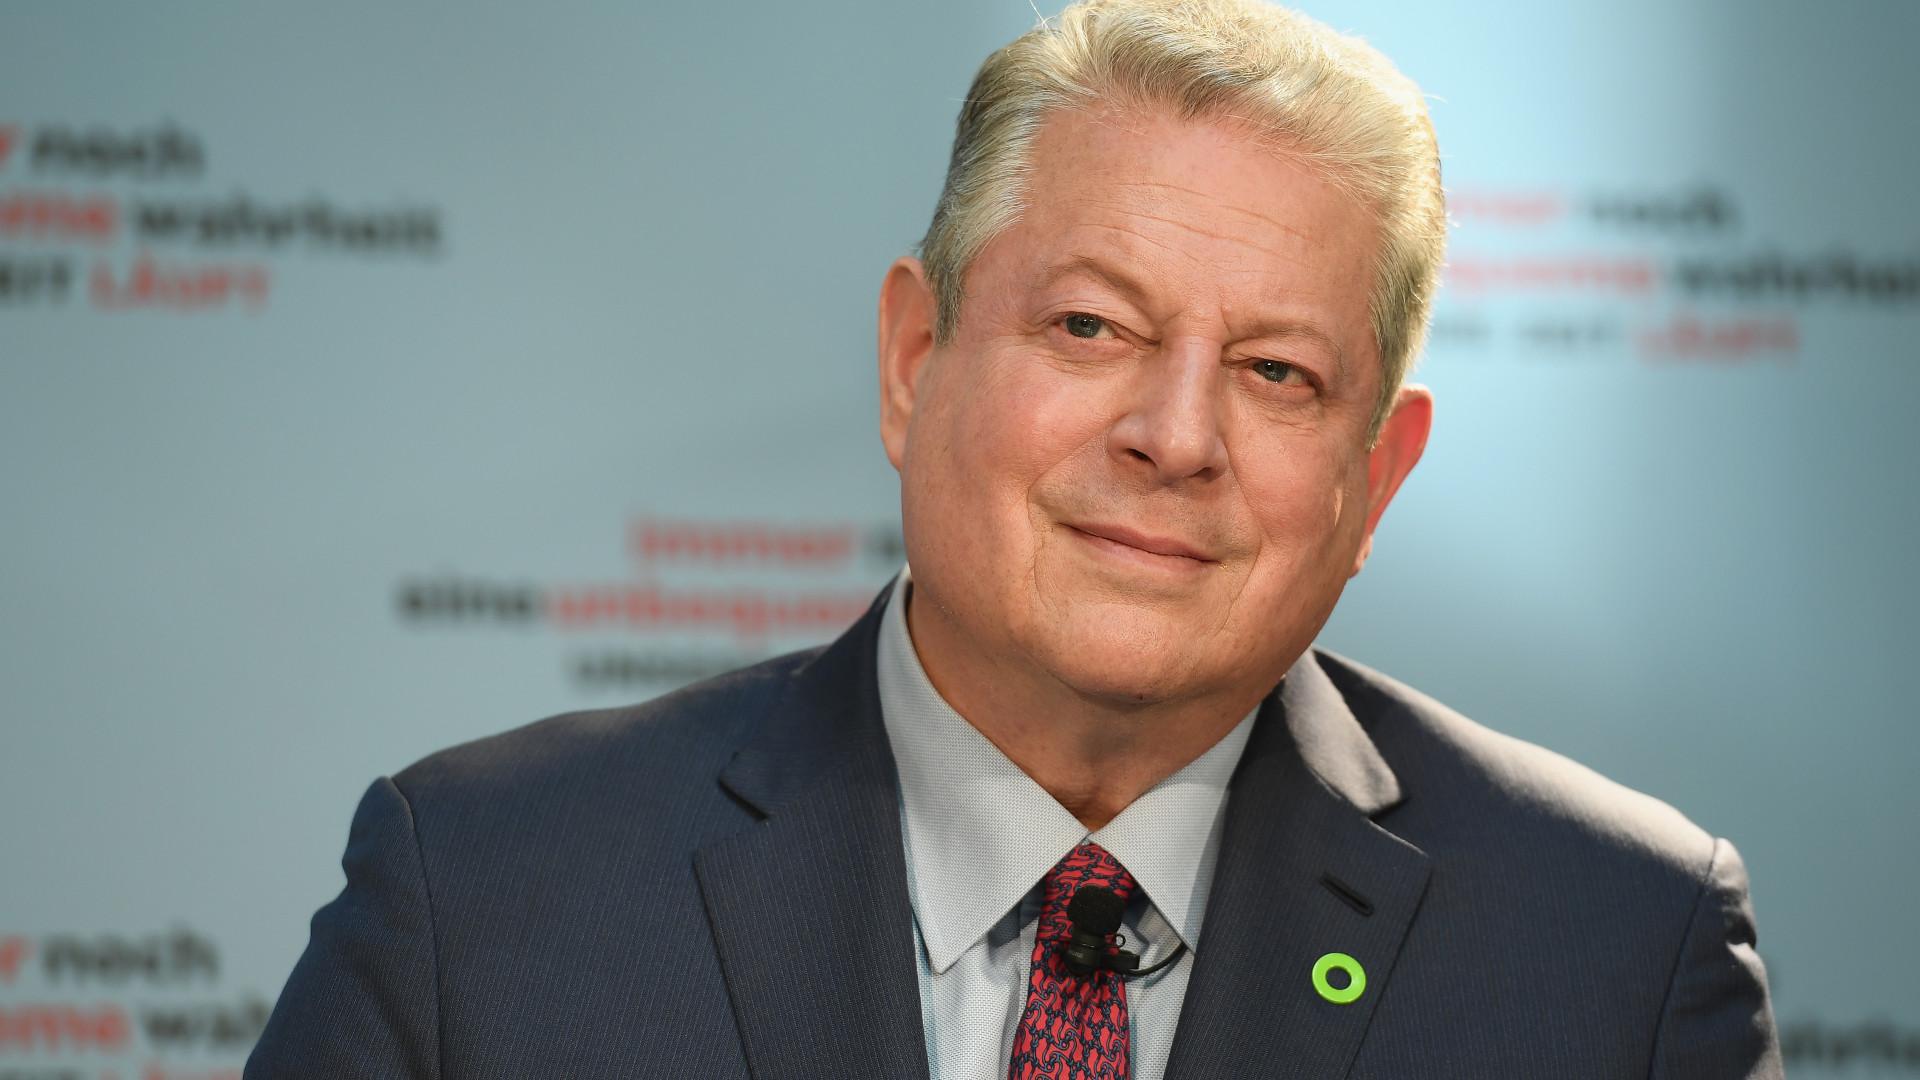 'Nenhum país vai dizer ao Brasil o que fazer com a Amazônia', diz Al Gore